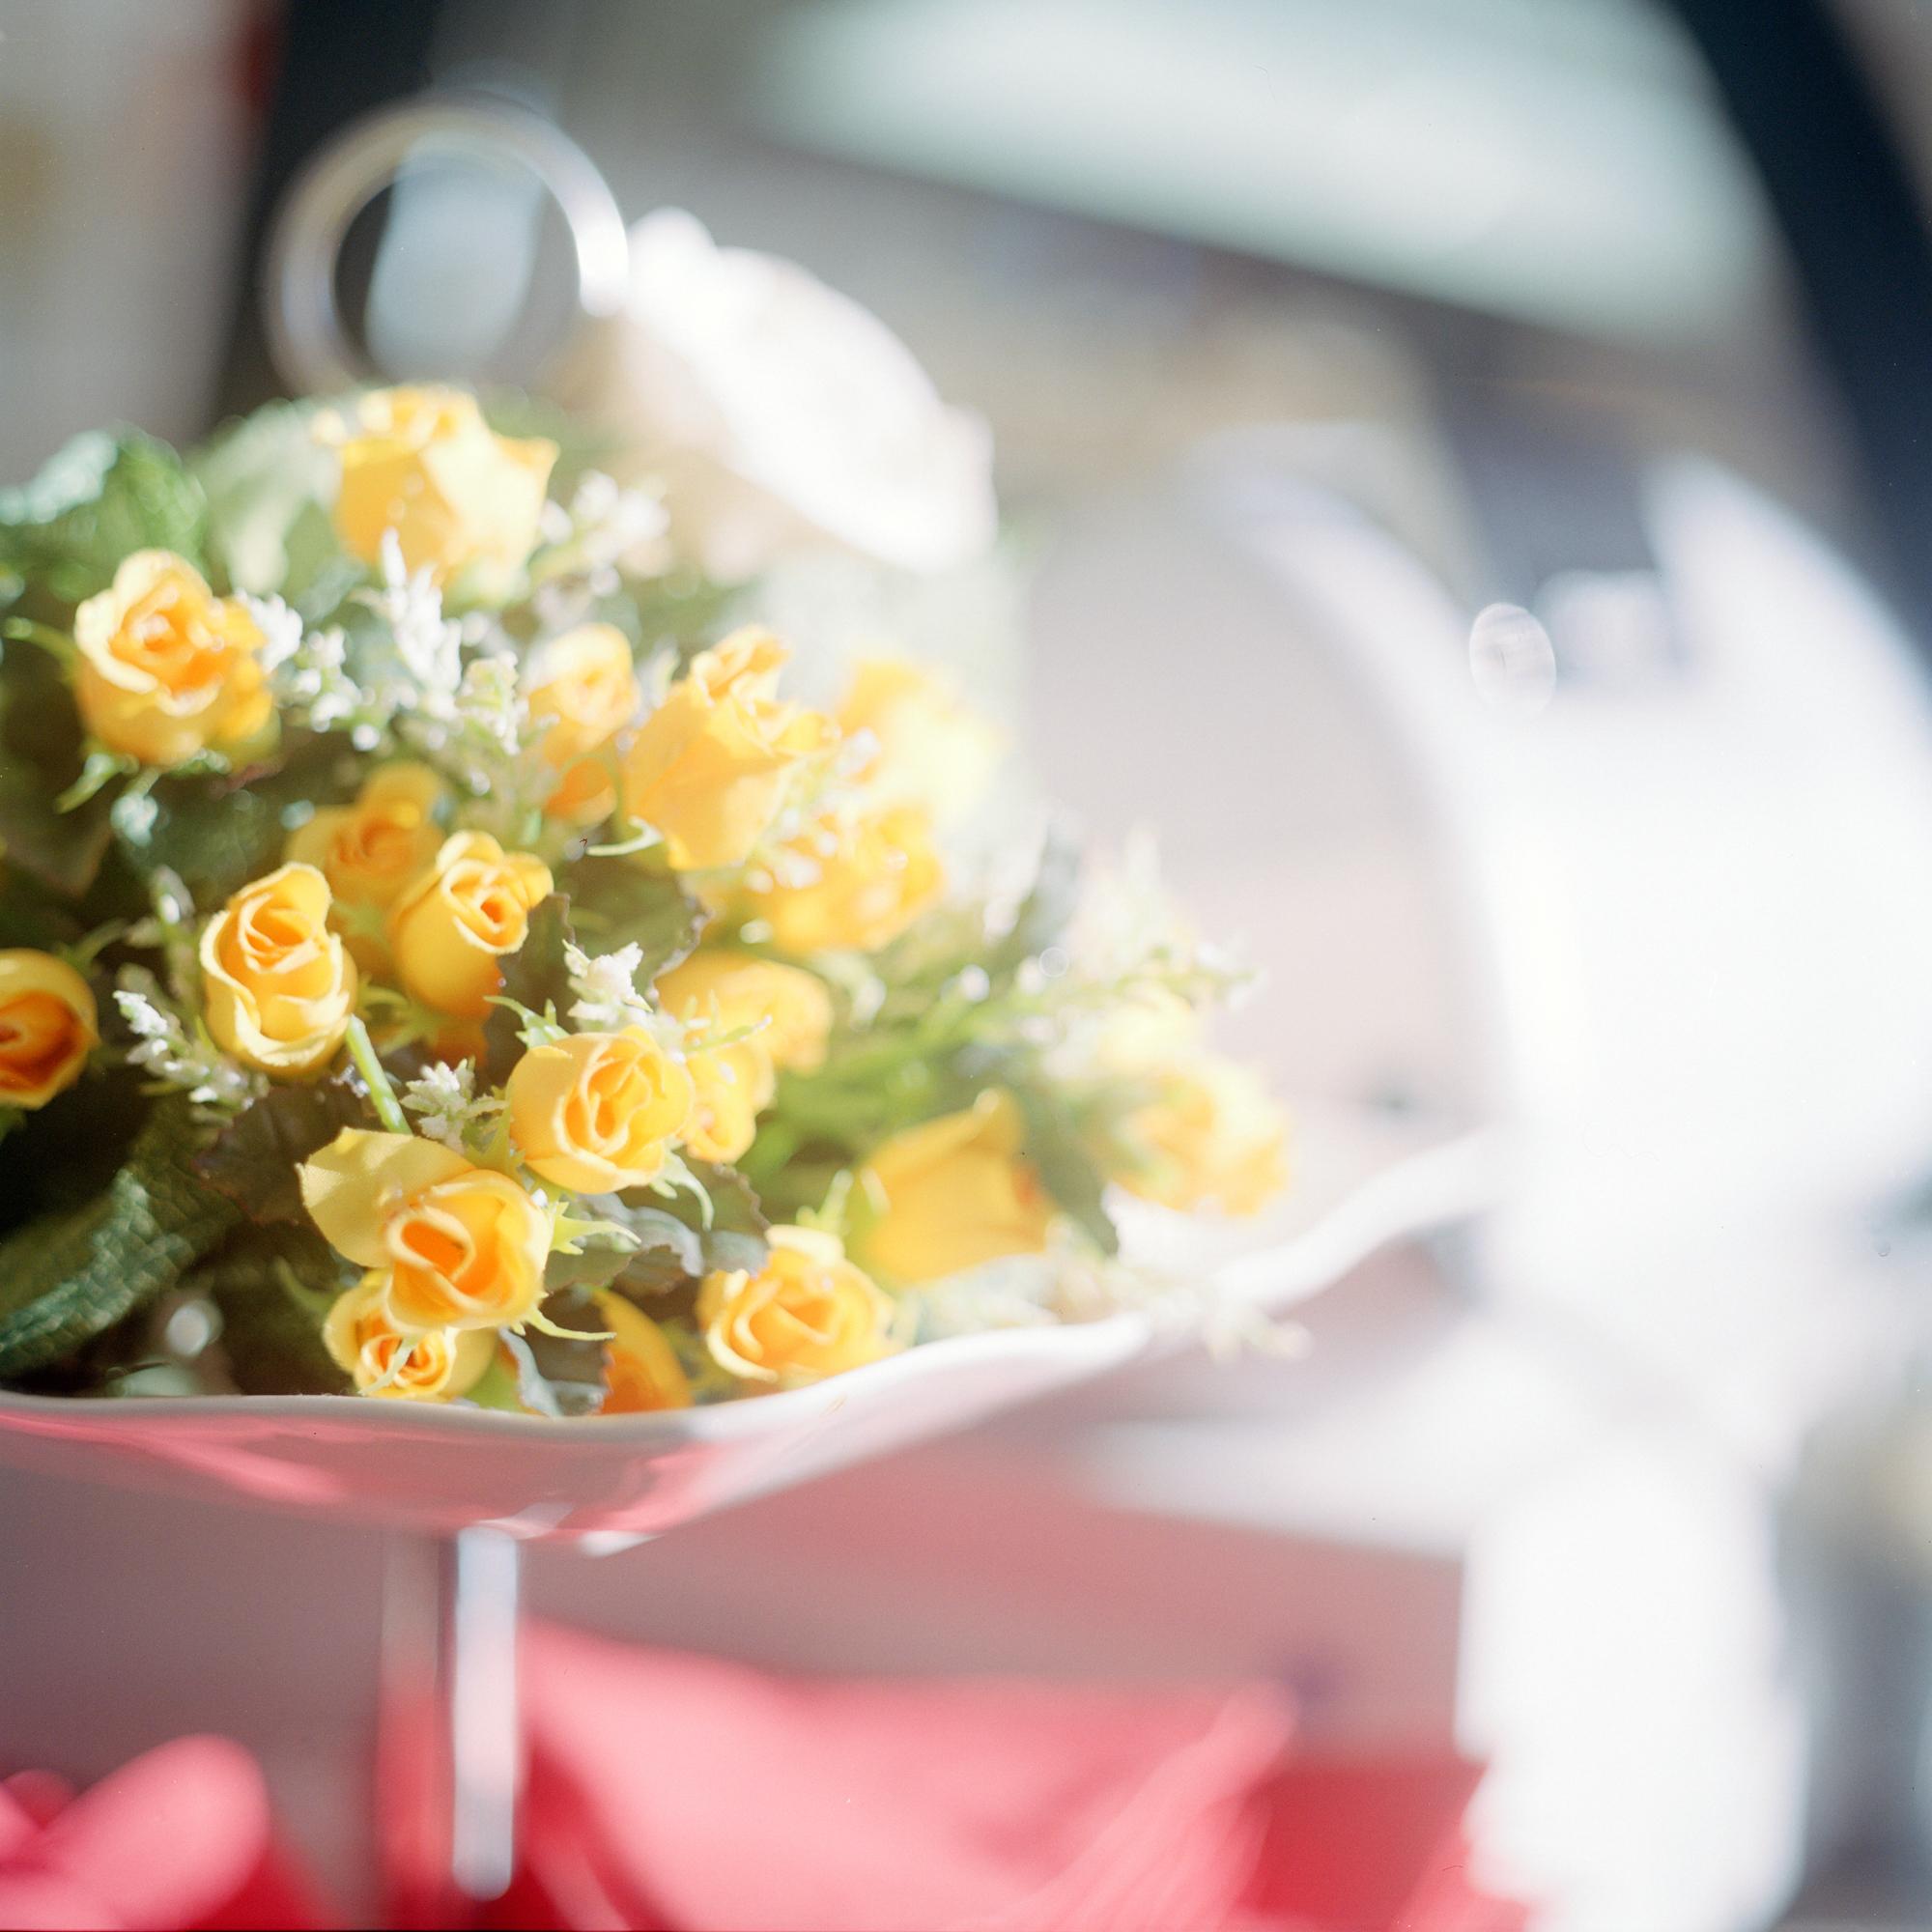 Fritz- Kistler Haus, Pasing. Blumen im Cafe Dir de Don in der Einrichtung Fritz- Kistler in der Schmaedelstrasse 29, Muenchen am 17. Januar 2011. Fotograf Evi Lemberger